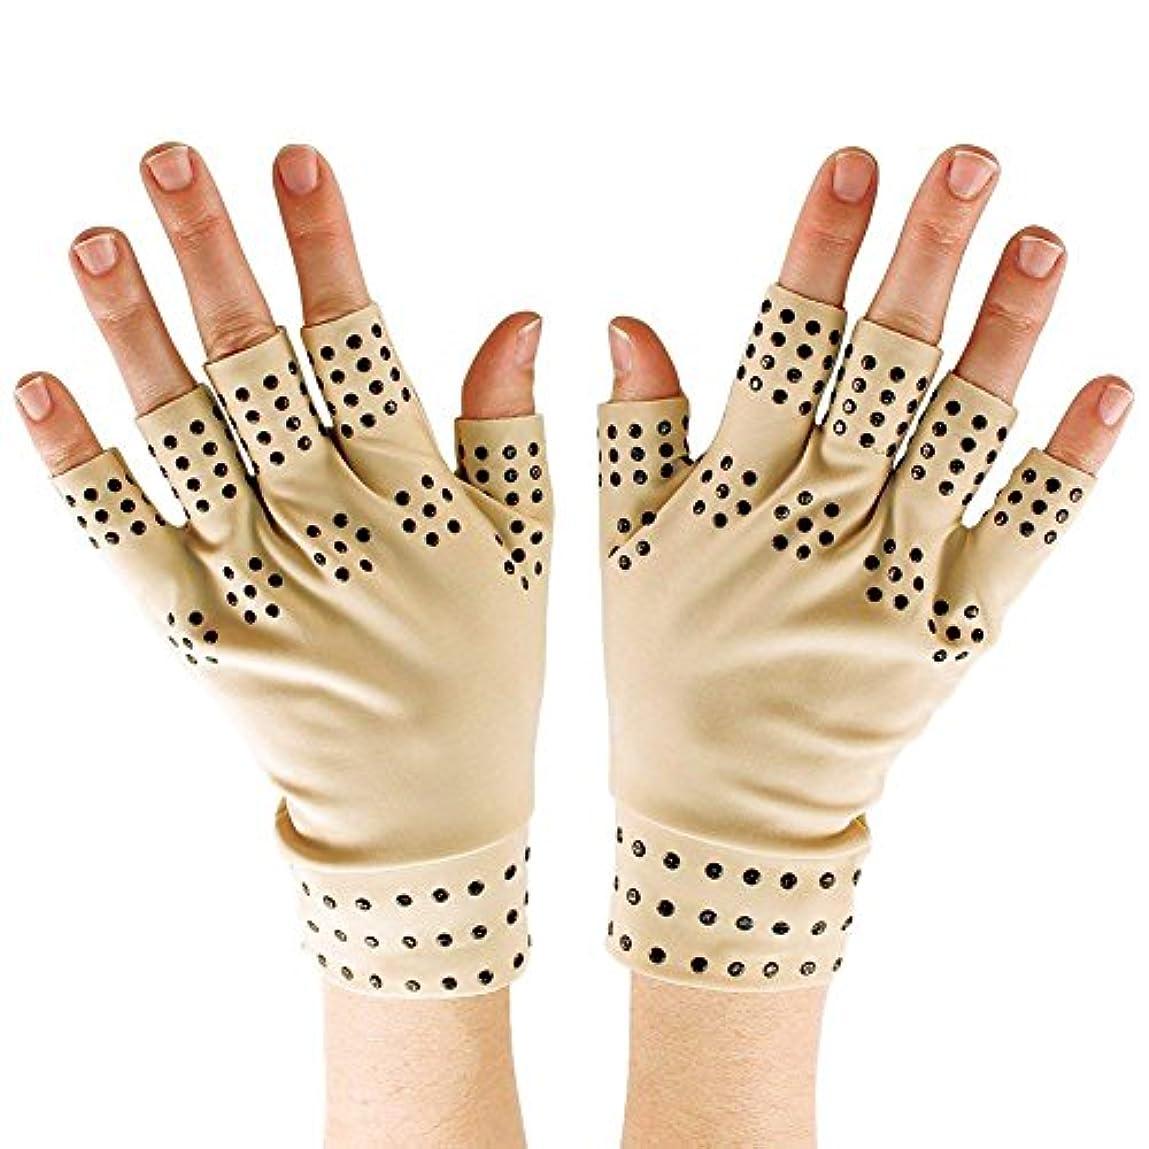 六フェローシップスーパーマーケットSODIAL 磁気療法手袋の圧縮関節炎の循環 関節の治癒をサポート